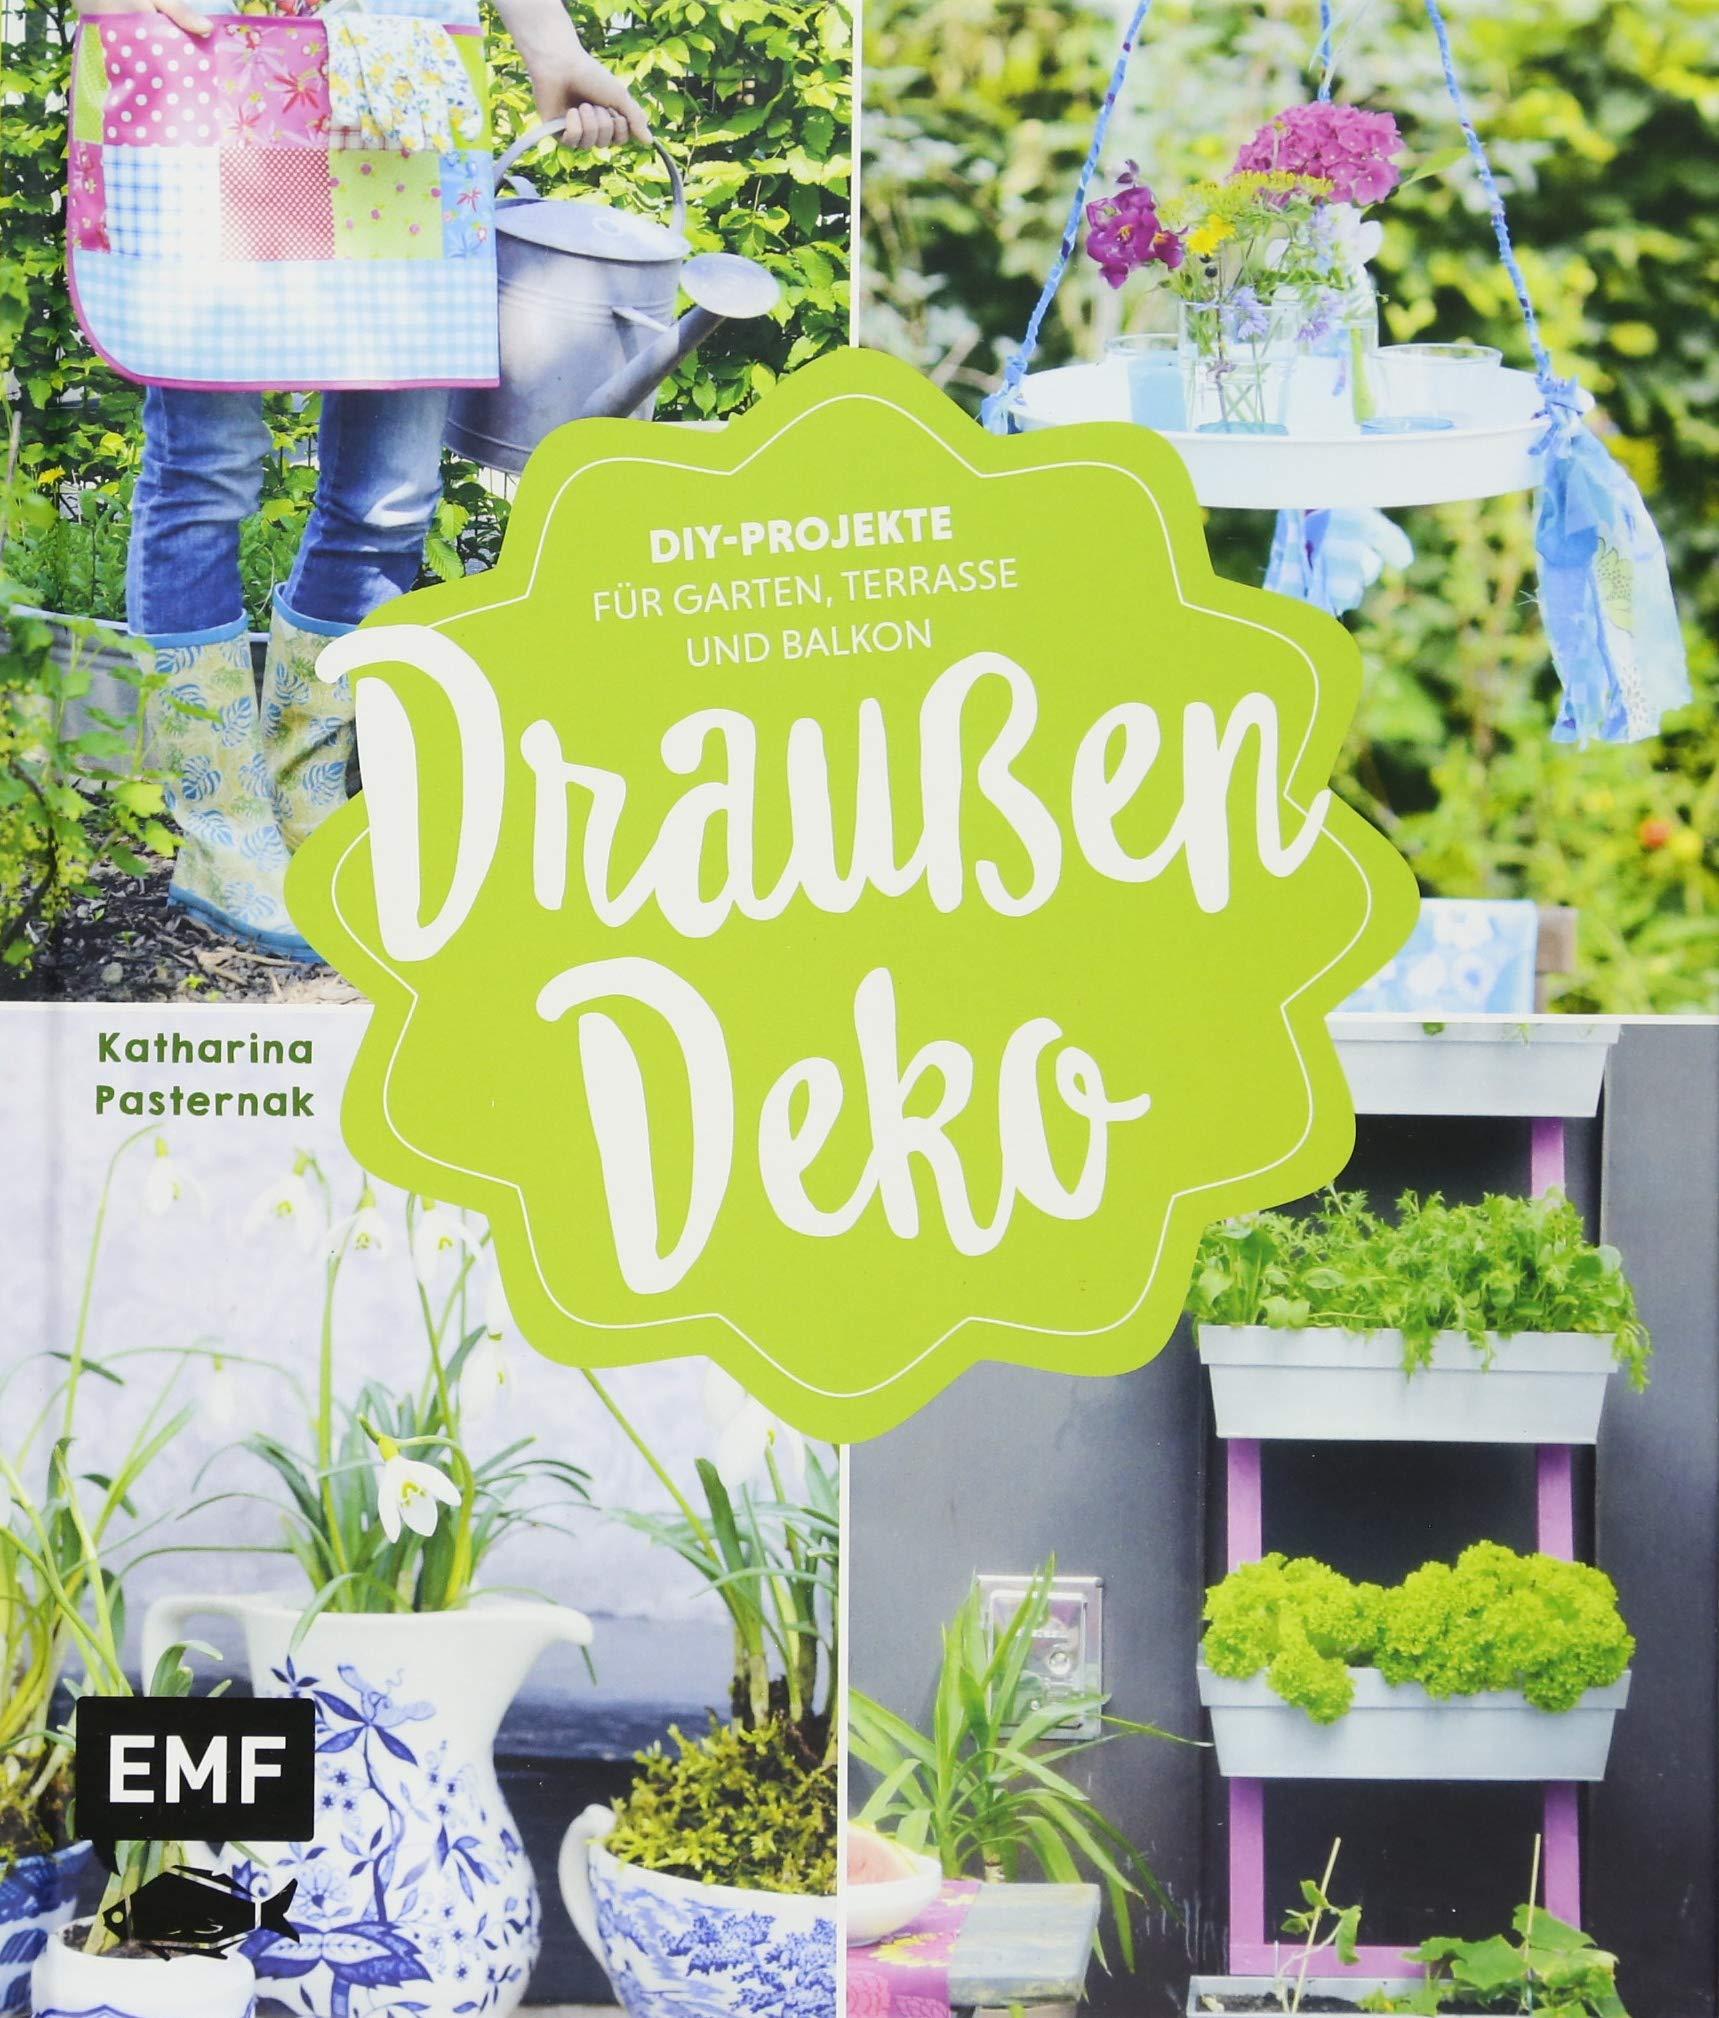 Draussen Deko Diy Projekte Fur Garten Terrasse Und Balkon Amazon De Pasternak Katharina Bucher